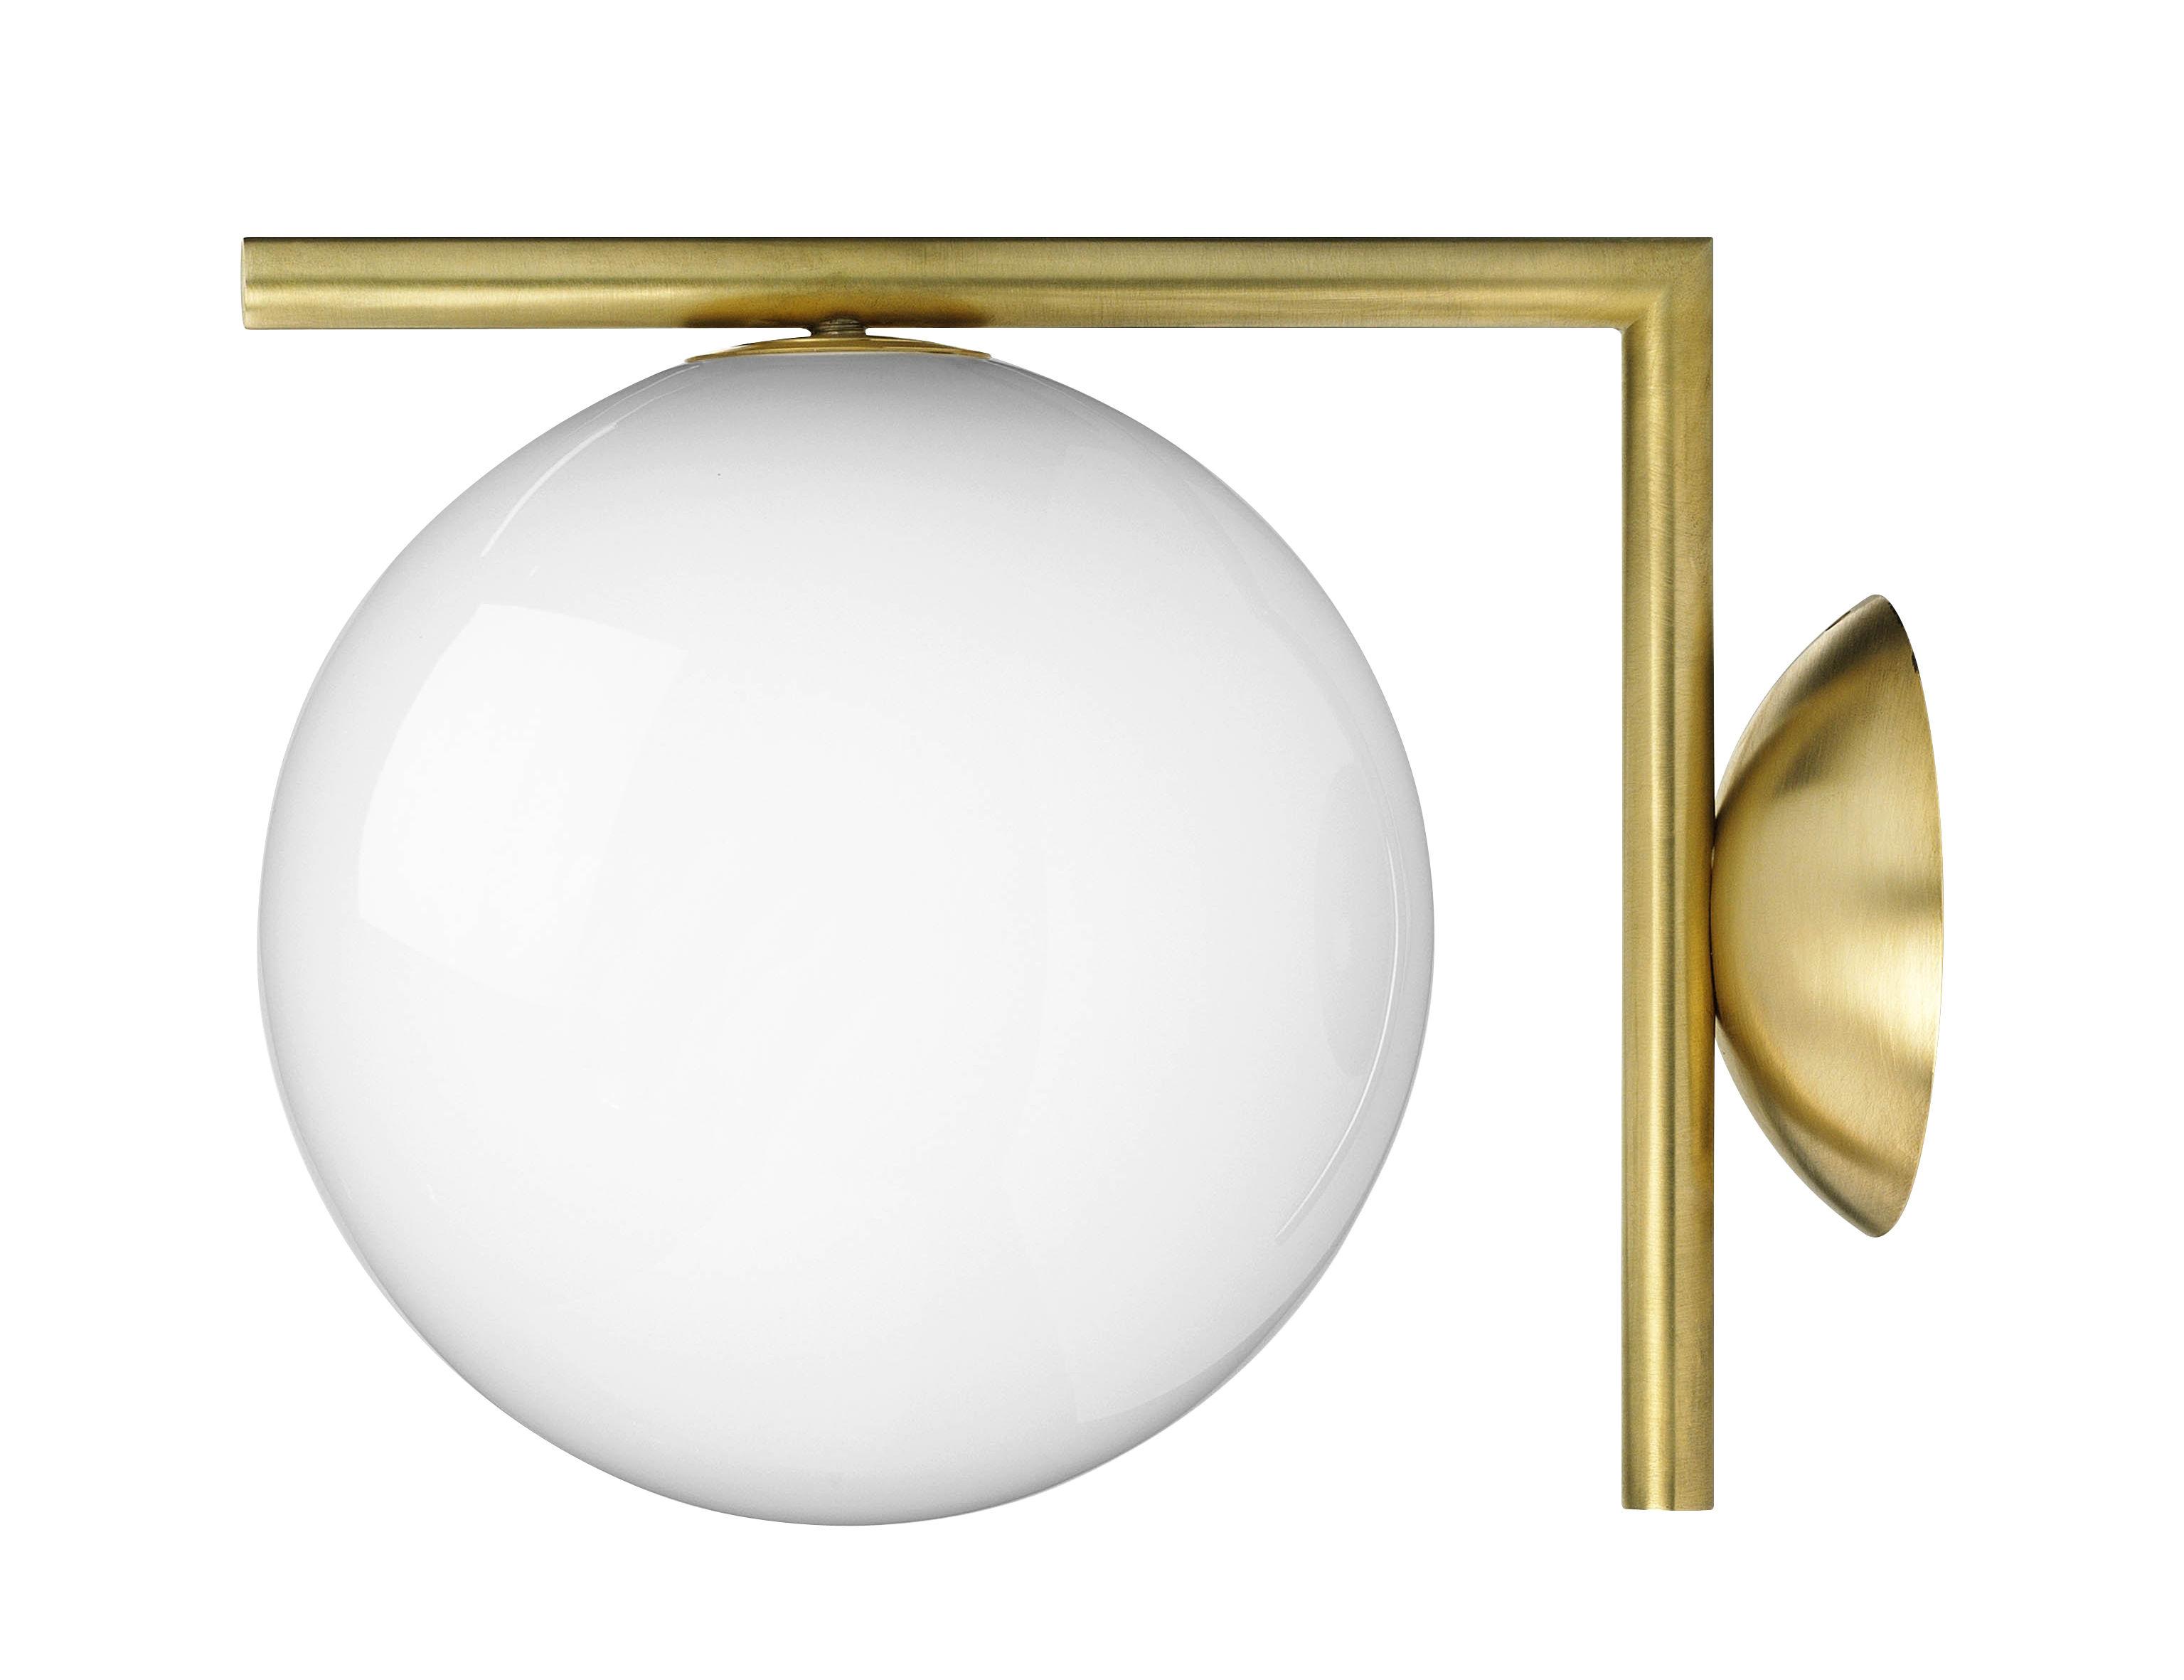 Illuminazione - Lampade da parete - Applique IC W1 - / Ø 20 cm di Flos - Ottone - Acciaio, vetro soffiato